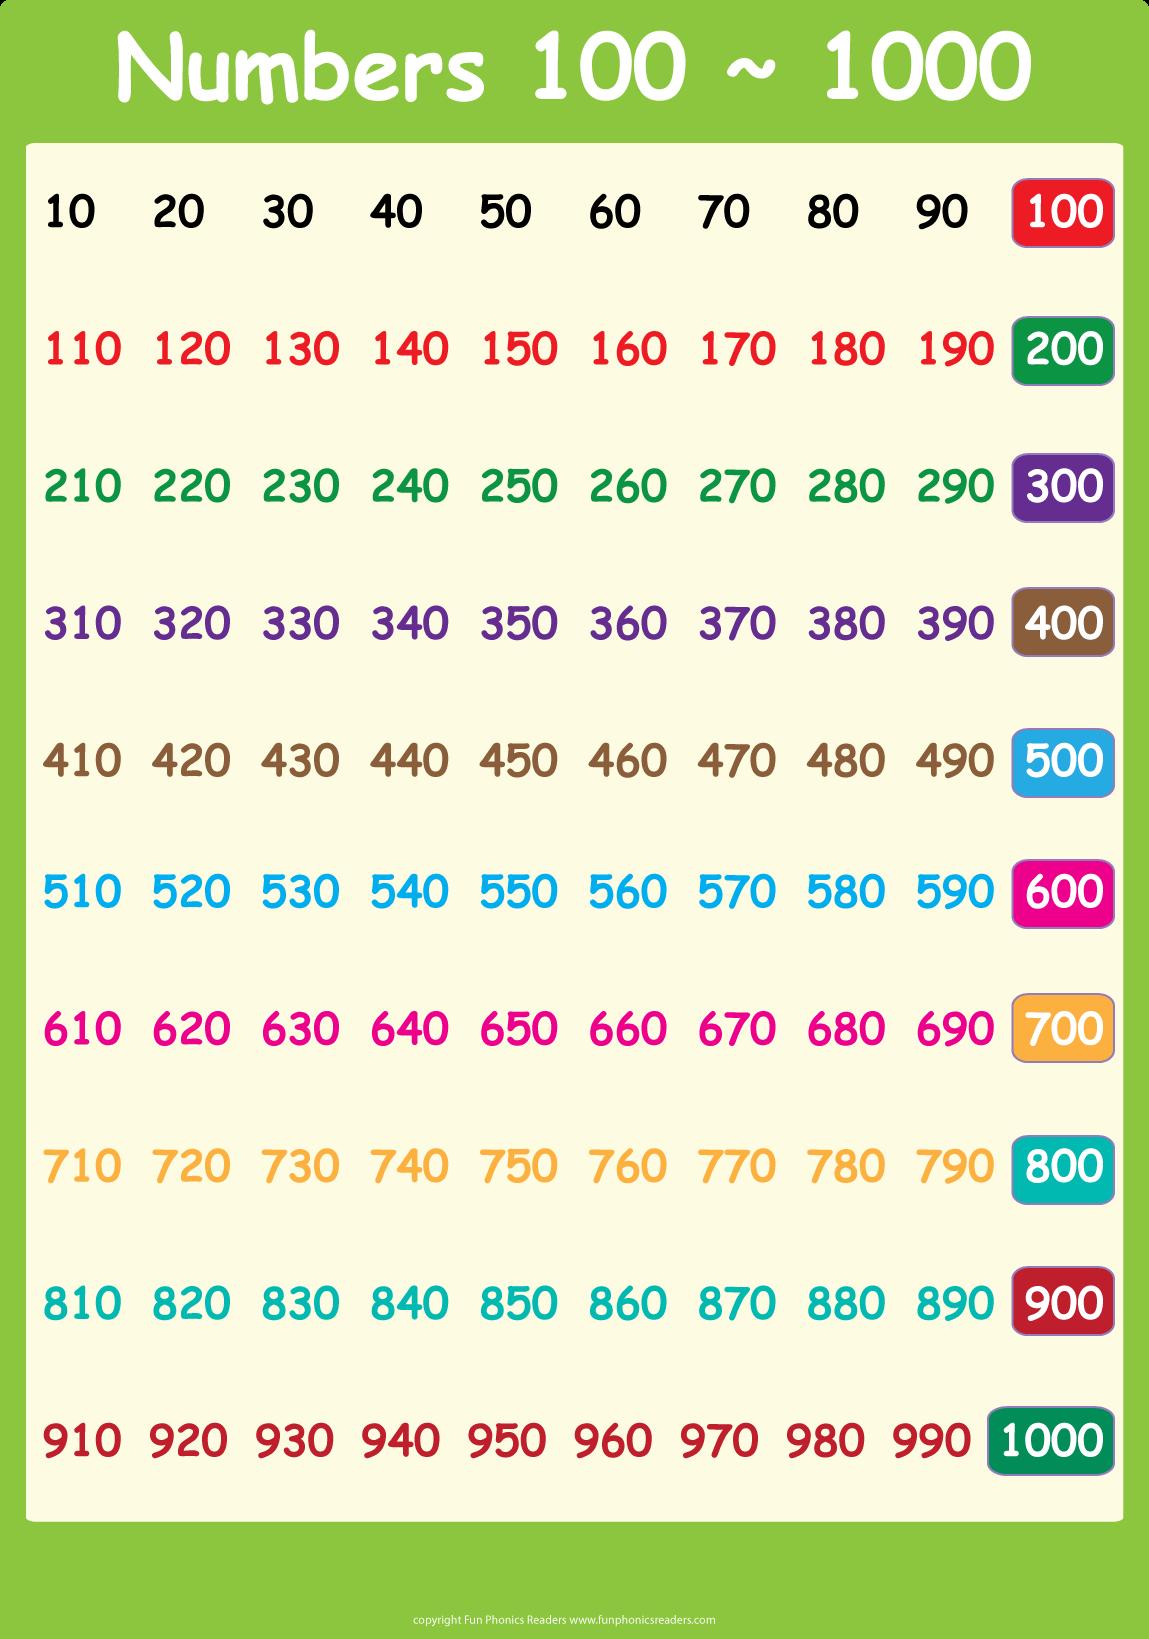 Список чисел от 1 до 1000 в таблице